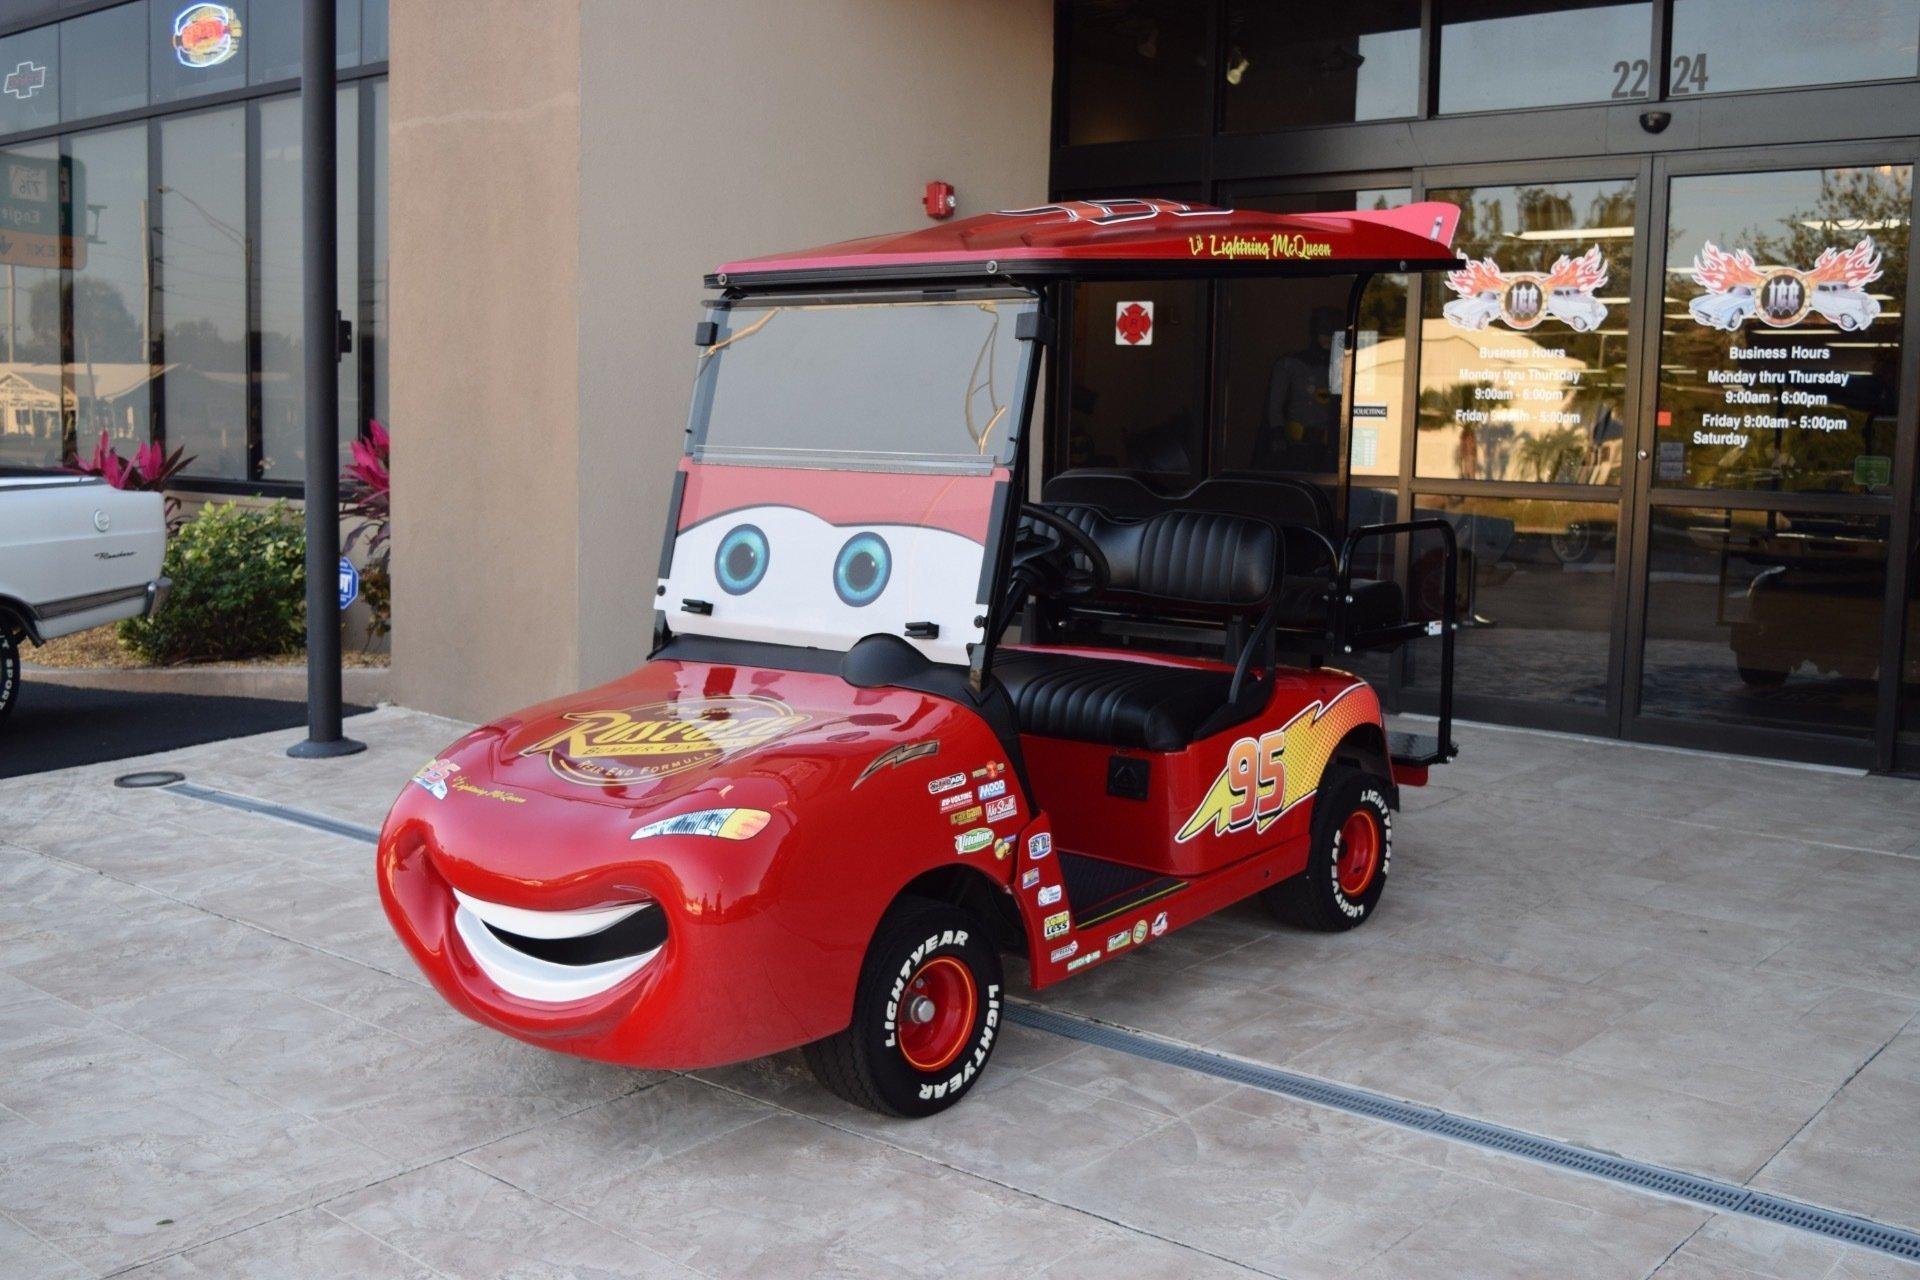 194767a1d733 hd 2013 z lightning mcqueen ez go rxv golf cart